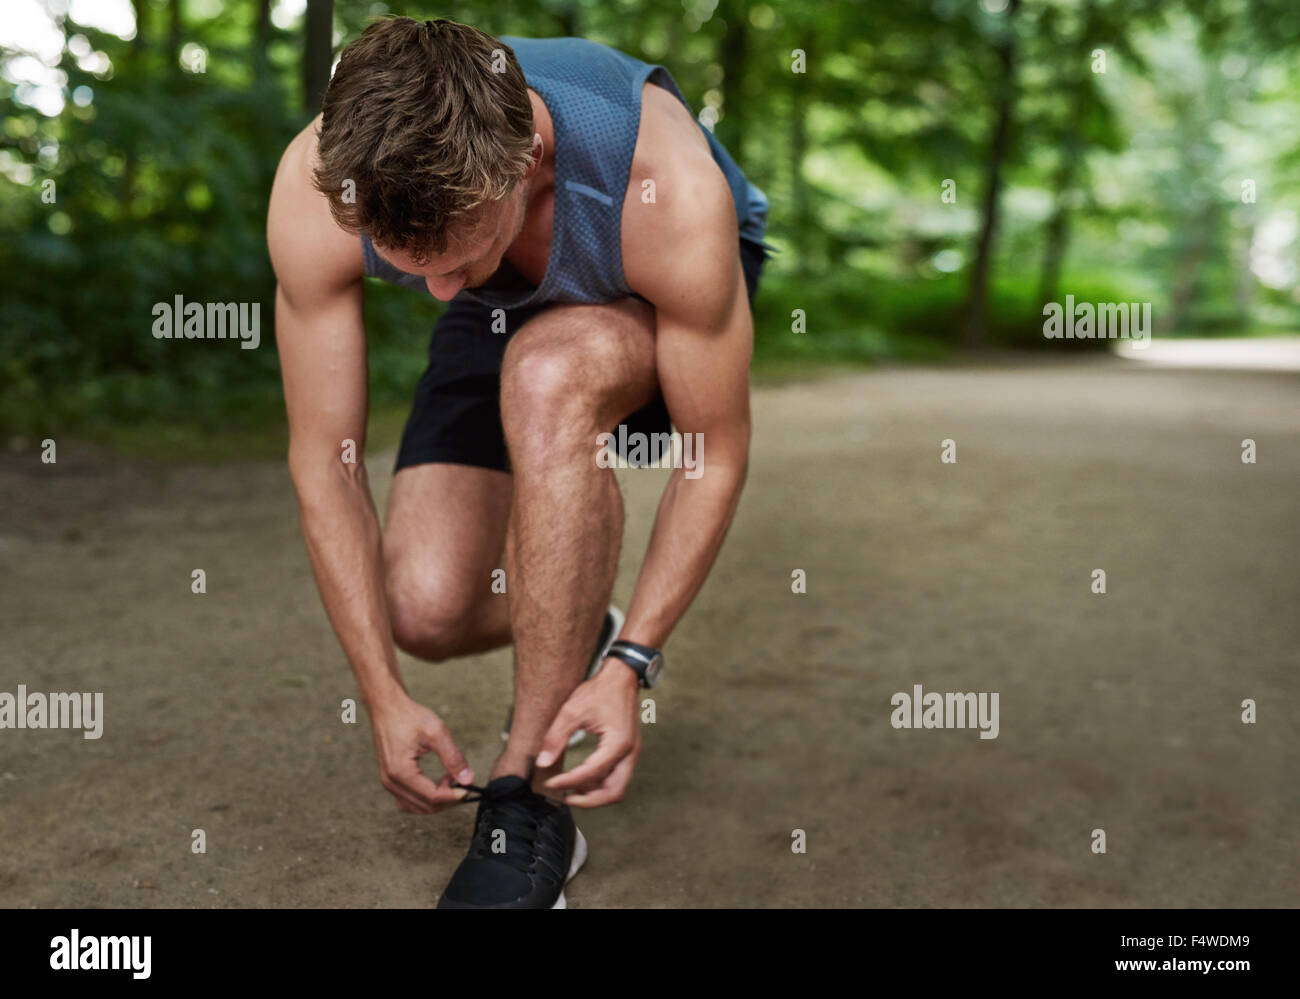 Passen Sie muskulöse männliche Jogger bücken seine Schnürsenkel zu binden, in einer Spur durch Stockbild